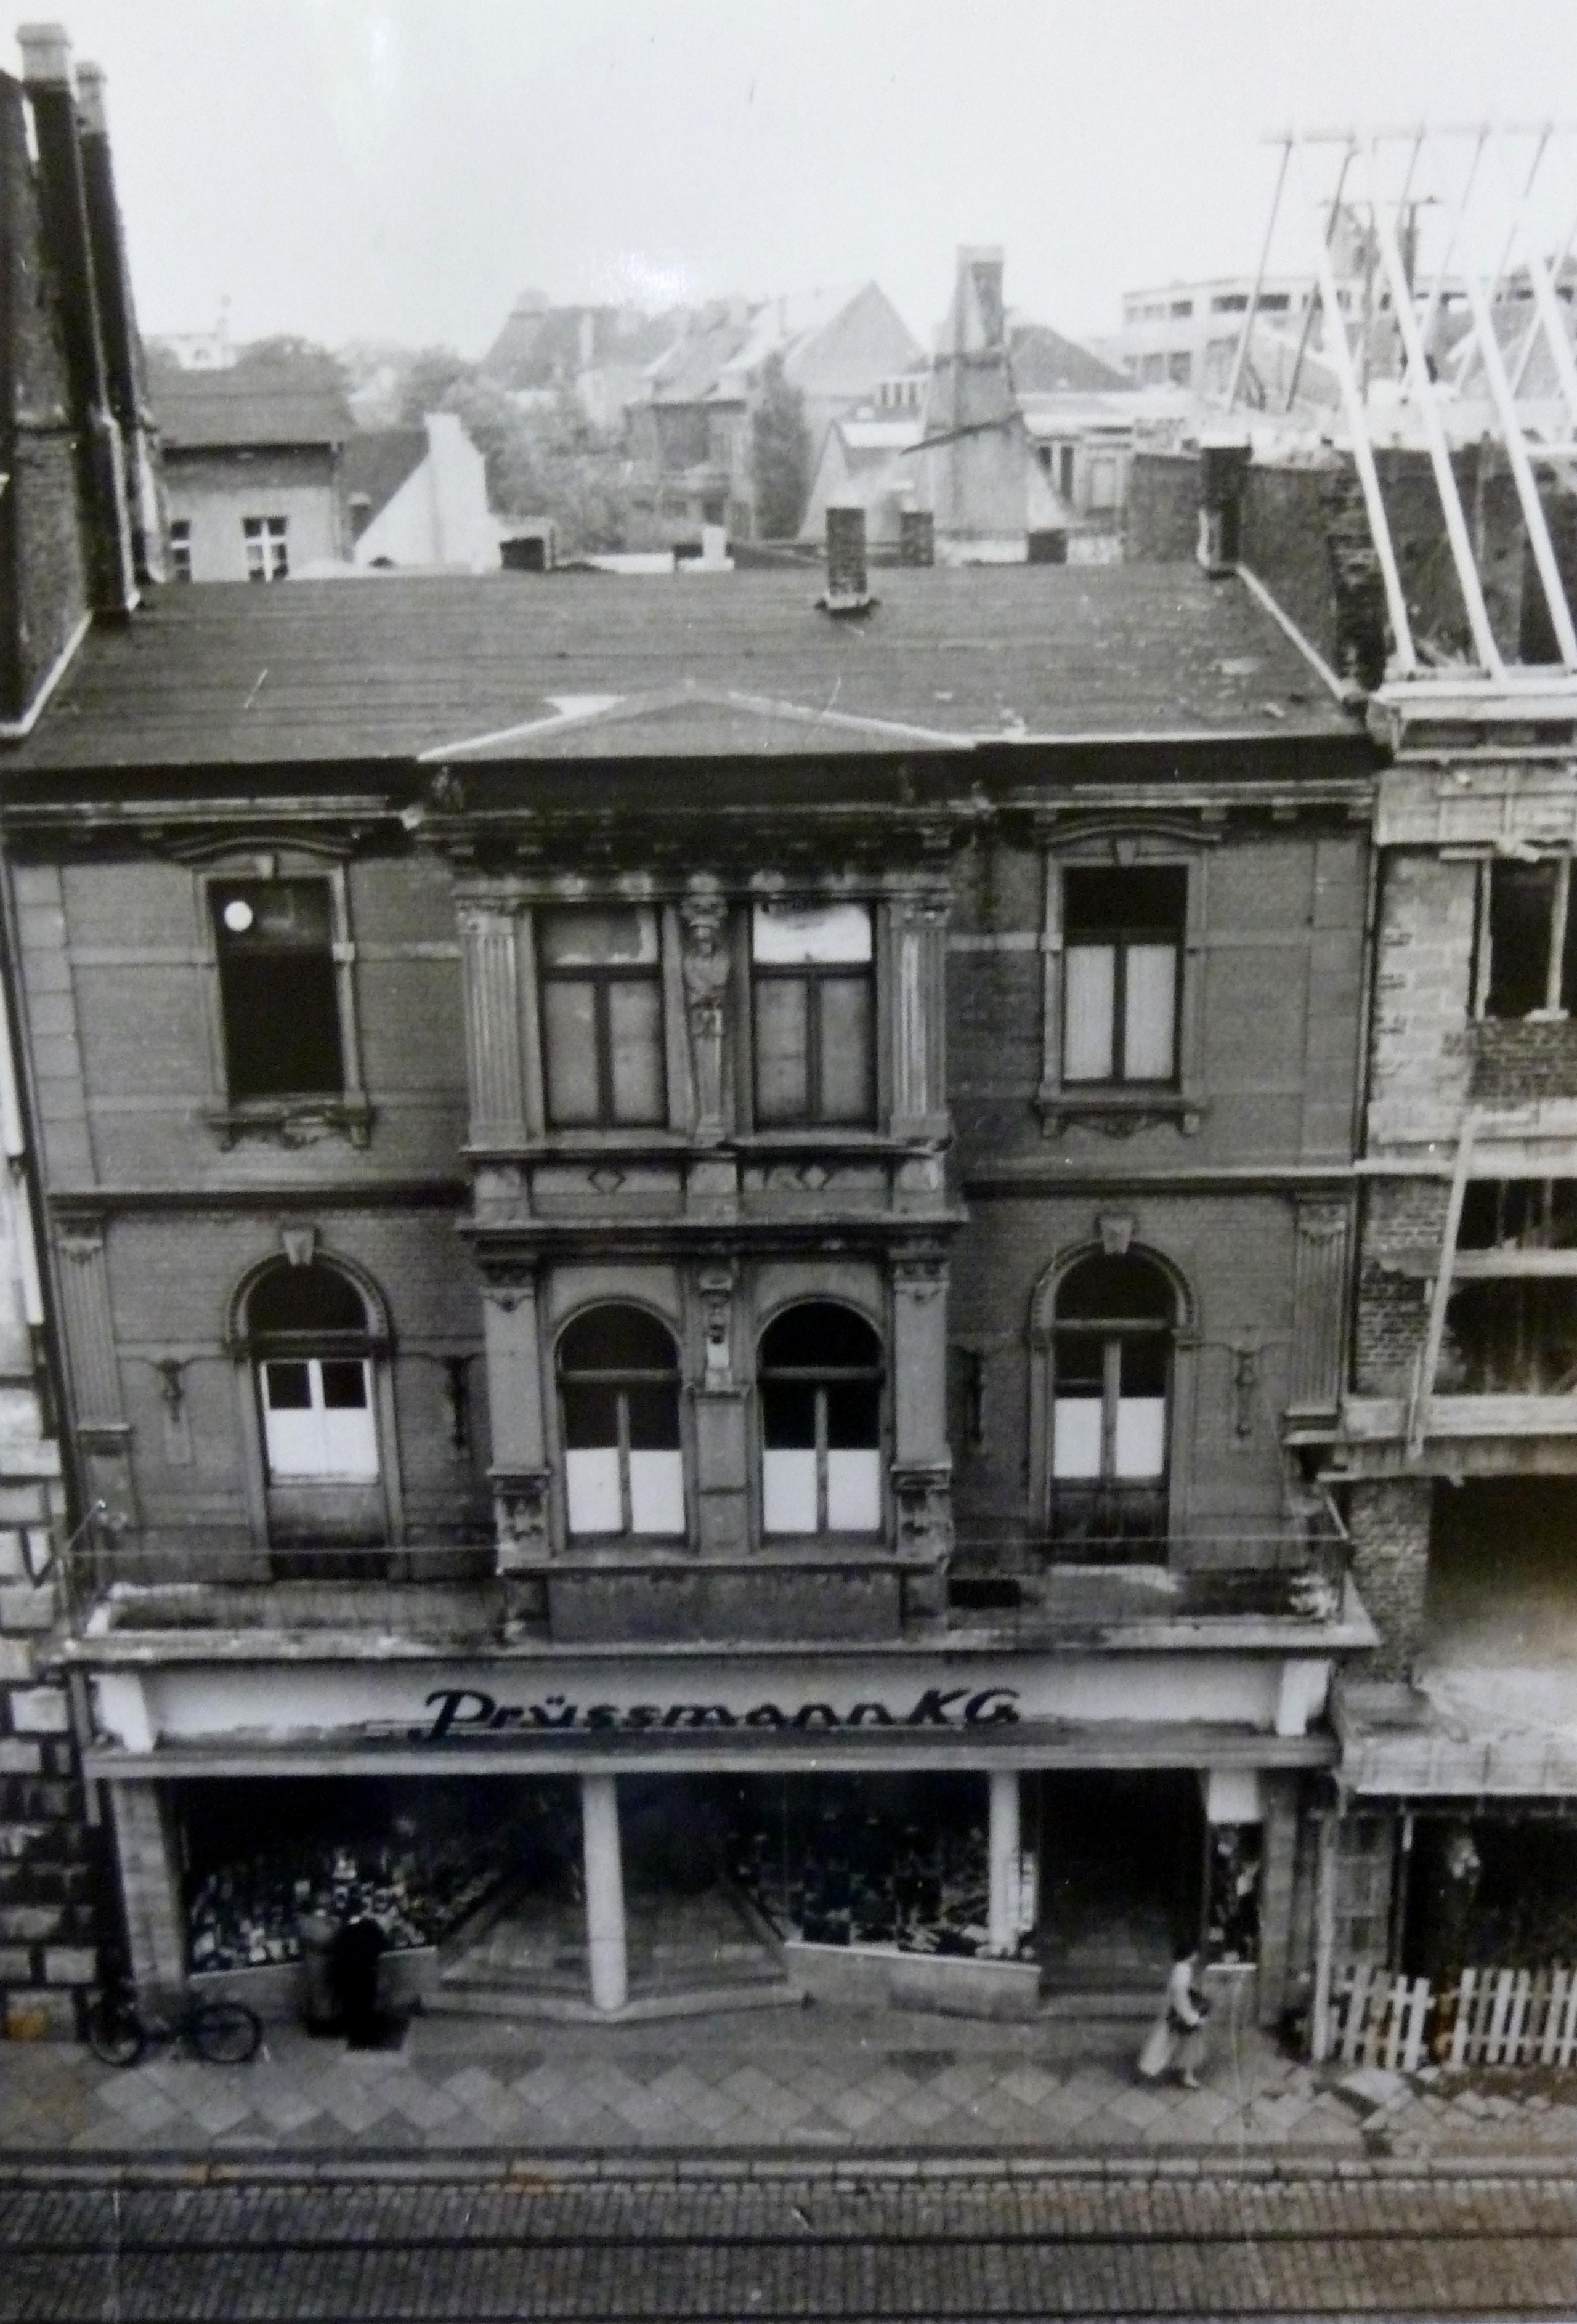 Das Prüßmann-Kaufhaus in den 1960ger Jahren